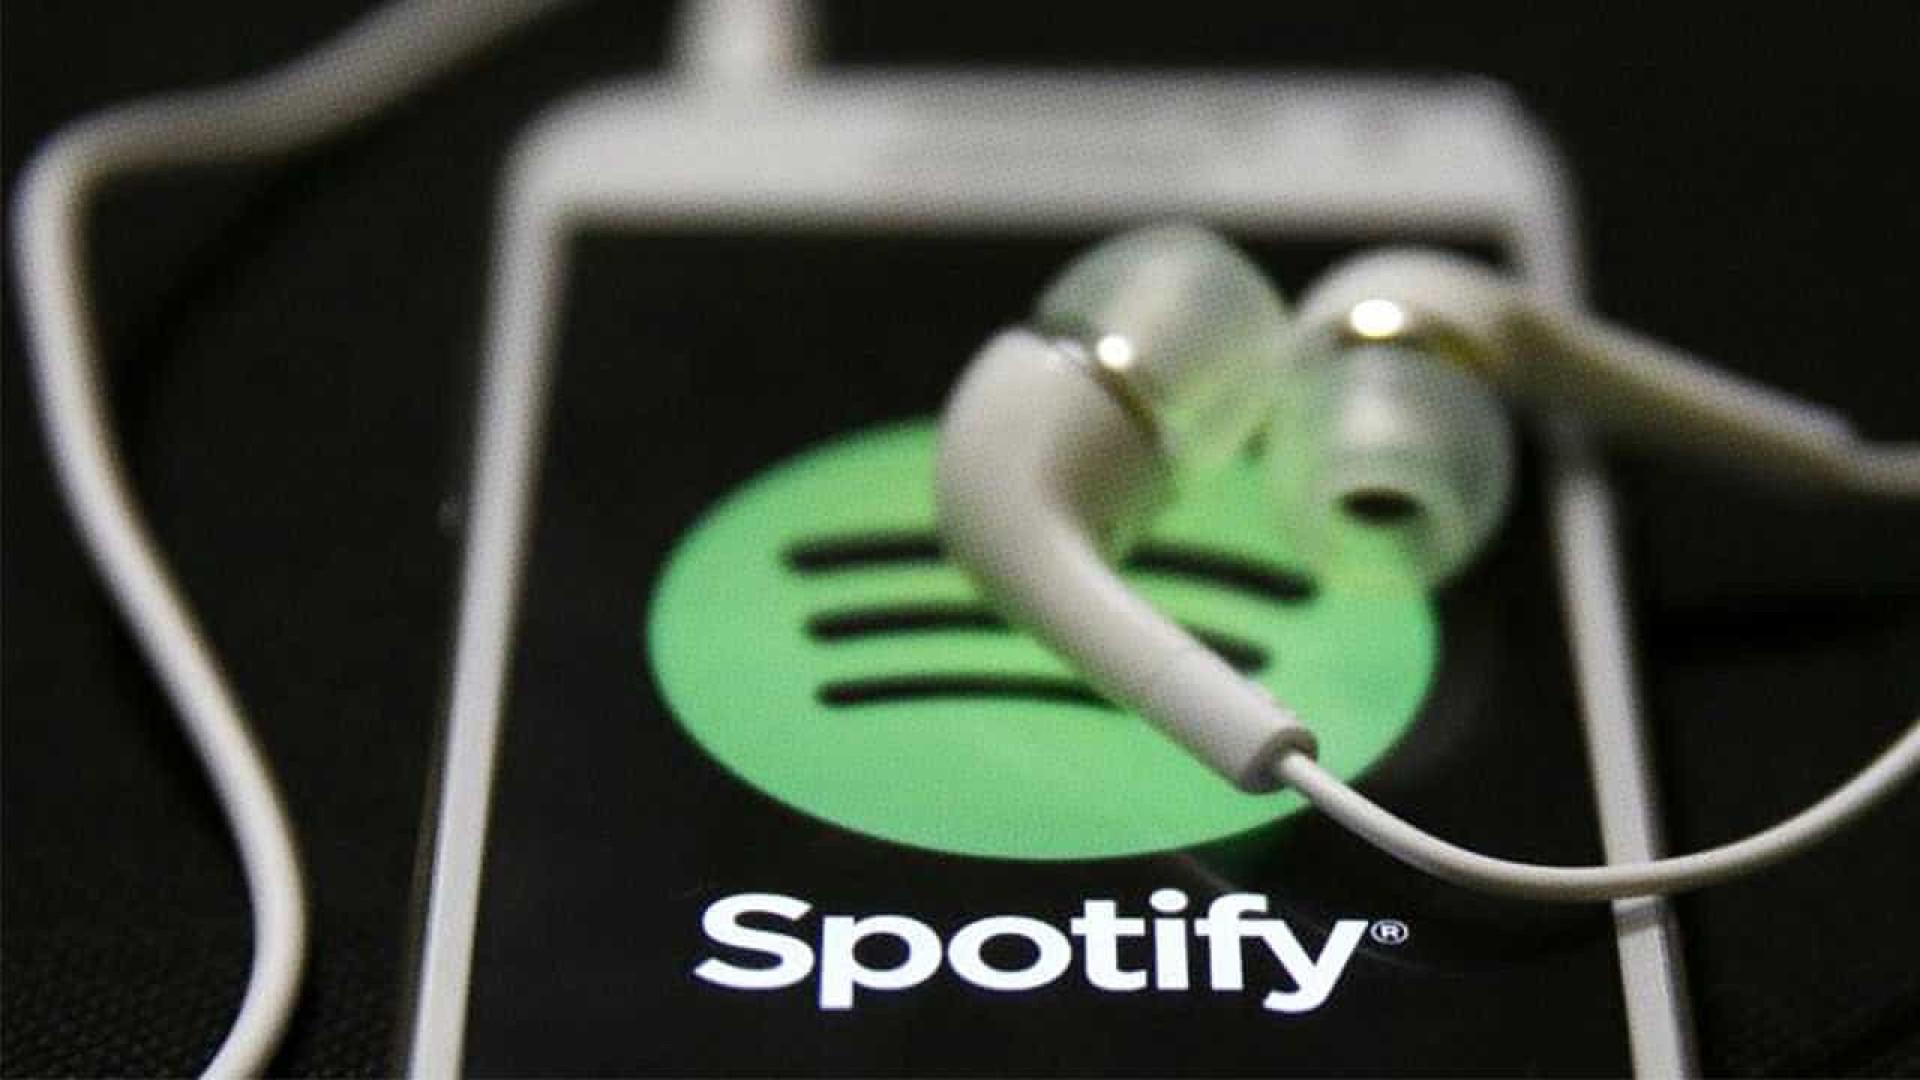 iMessage da Apple já oferece função do Spotify para enviar músicas